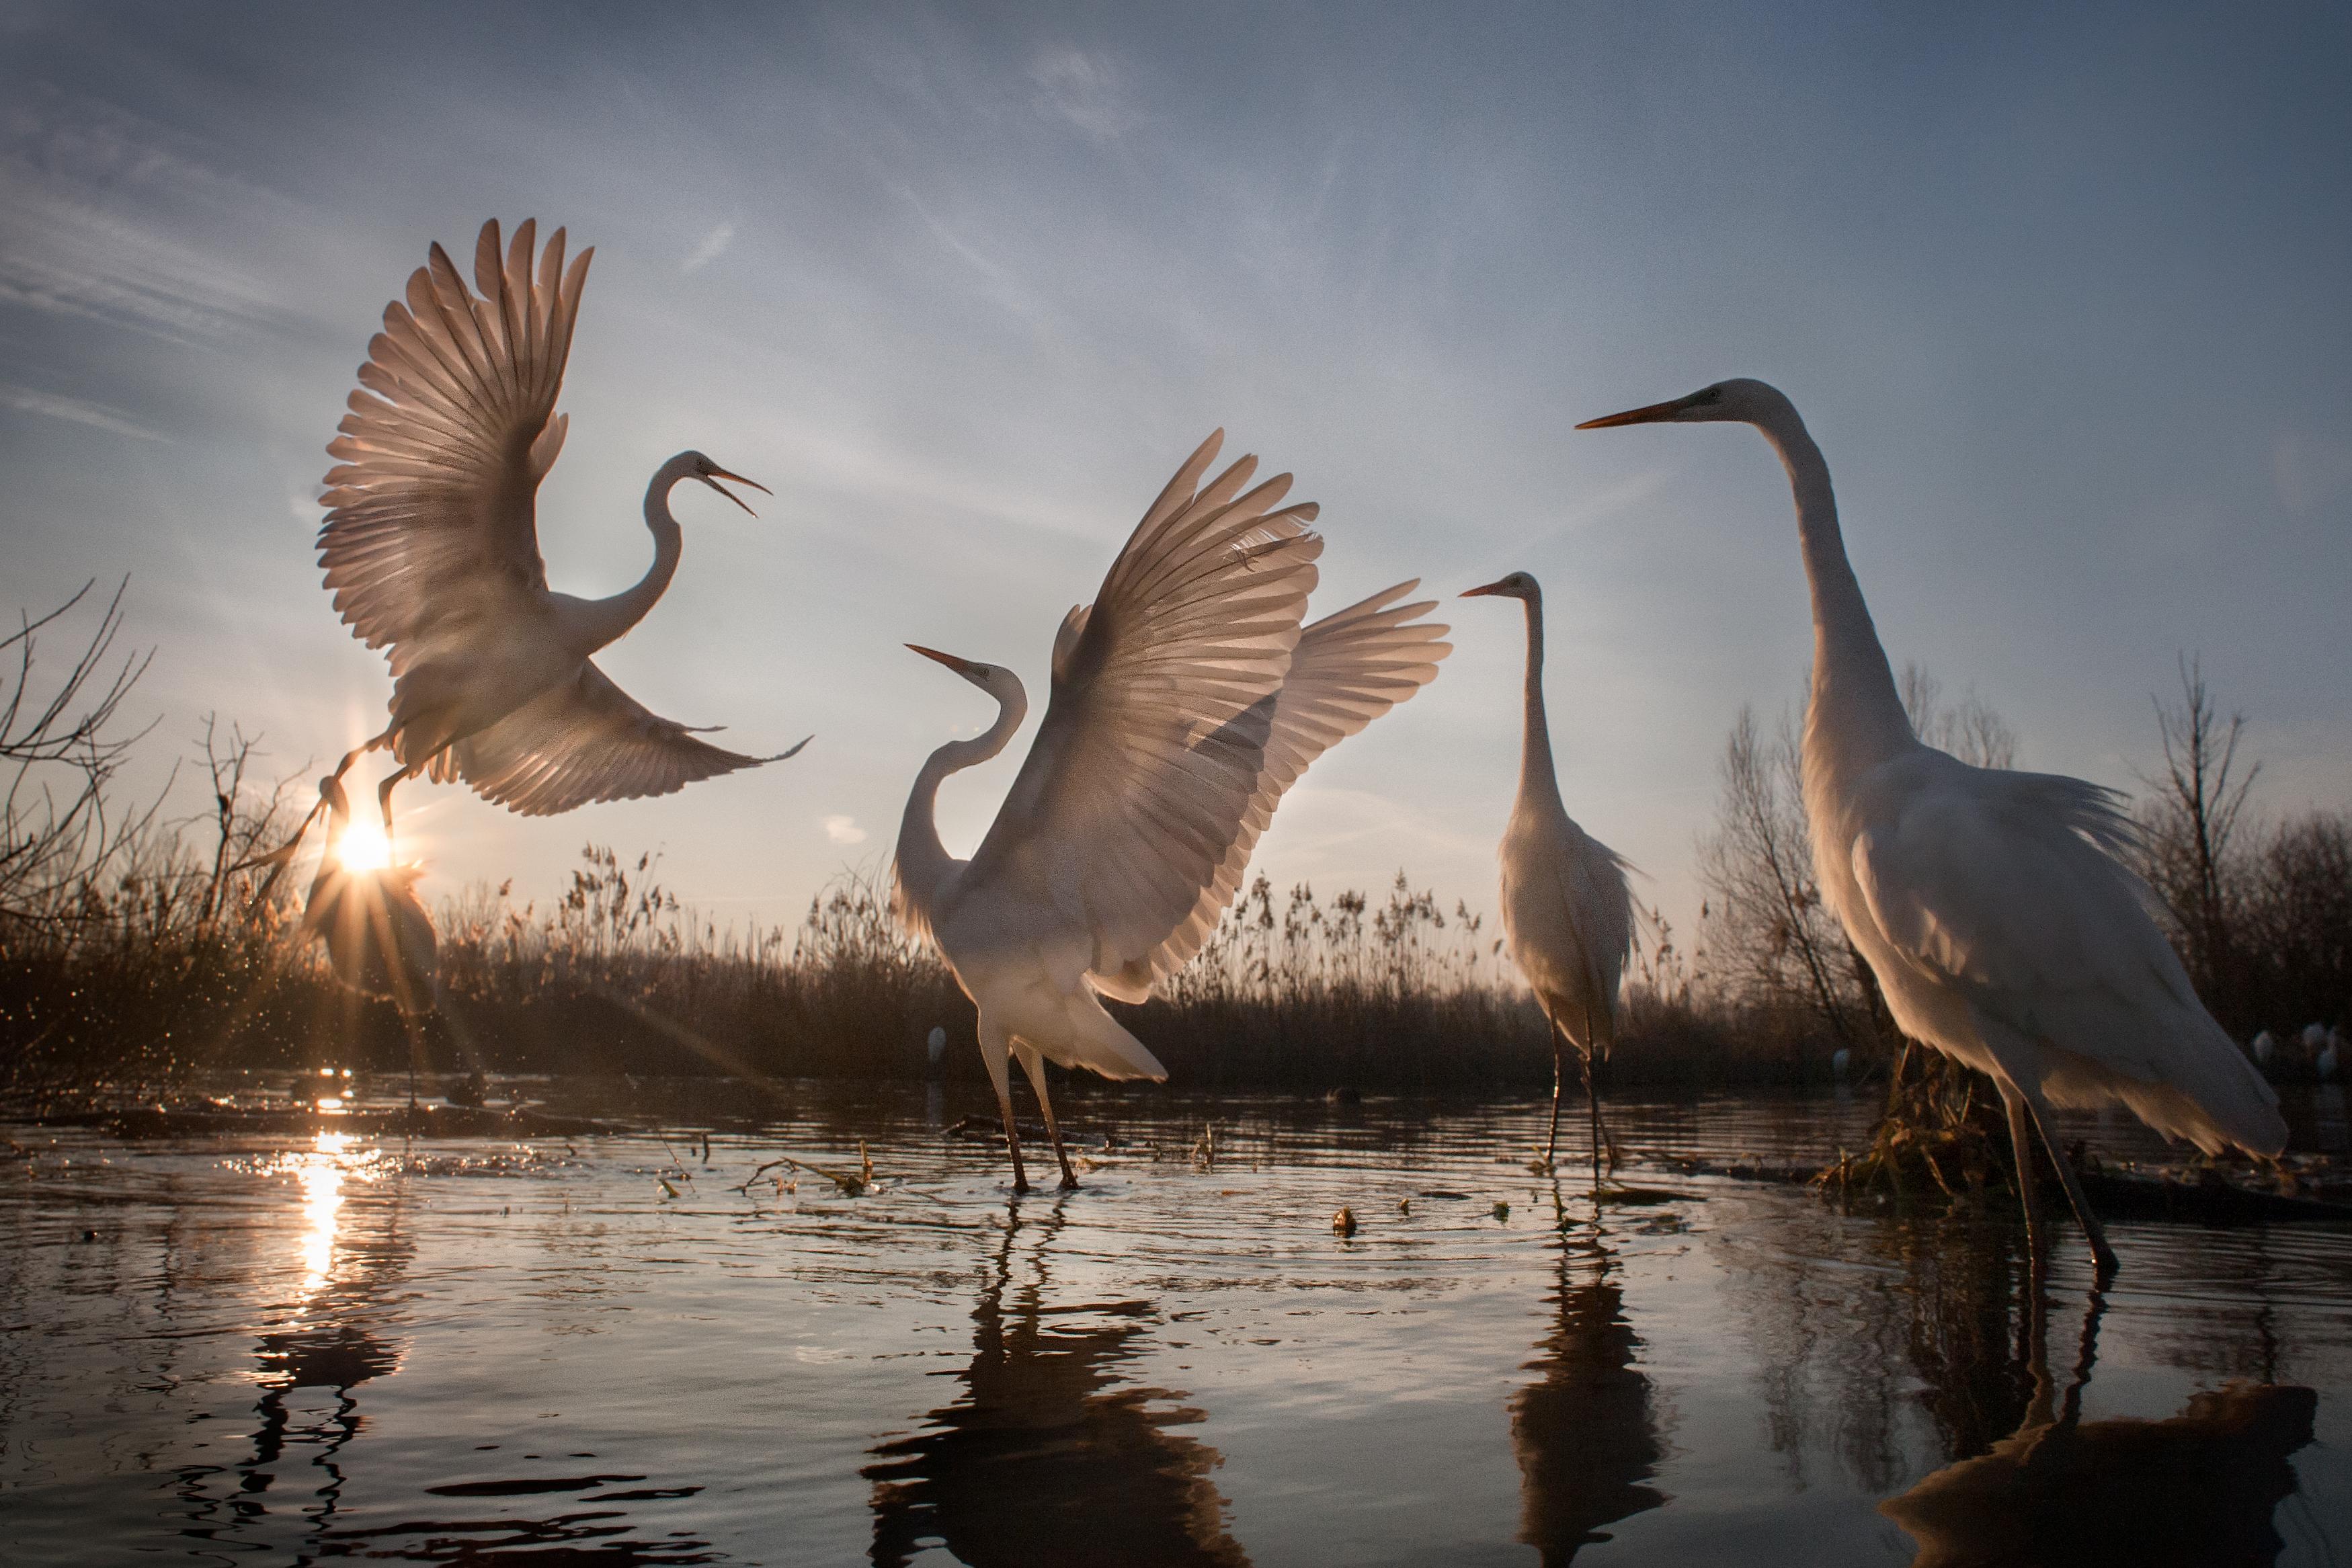 Díjat nyert egy magyar természetfotós a National Geographic fotópályázatán